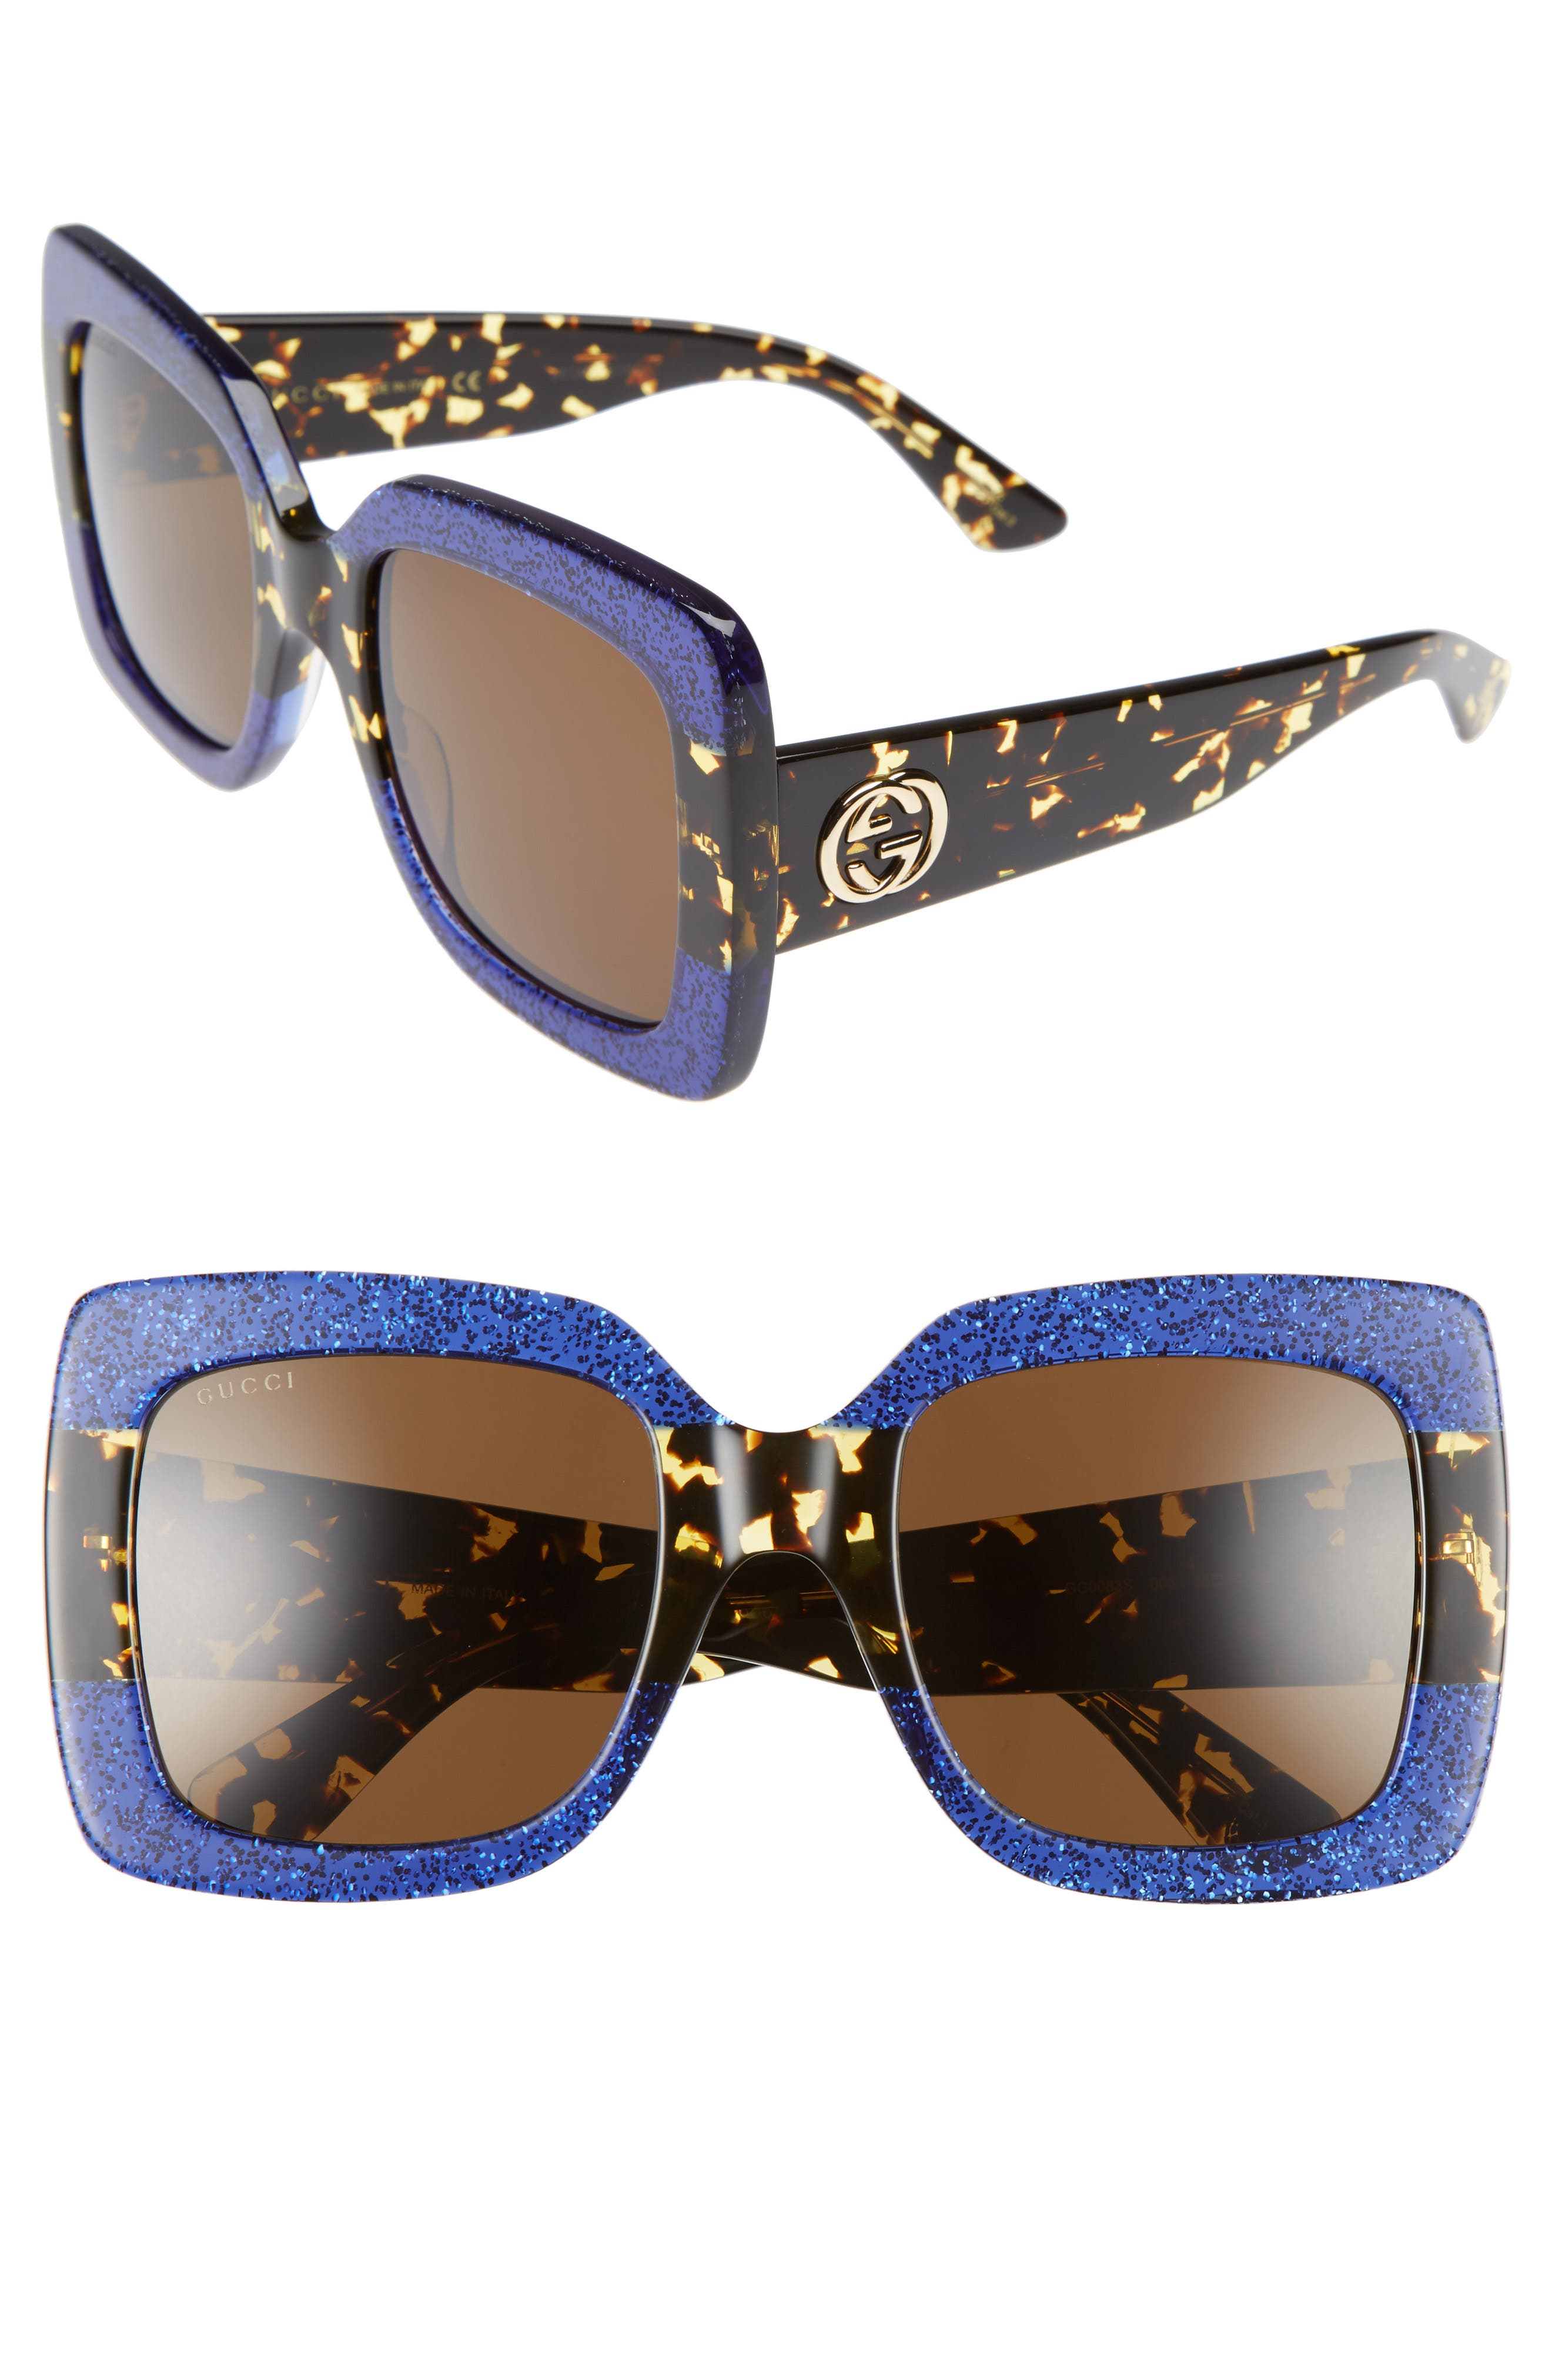 Gucci 55mm Square Sunglasses